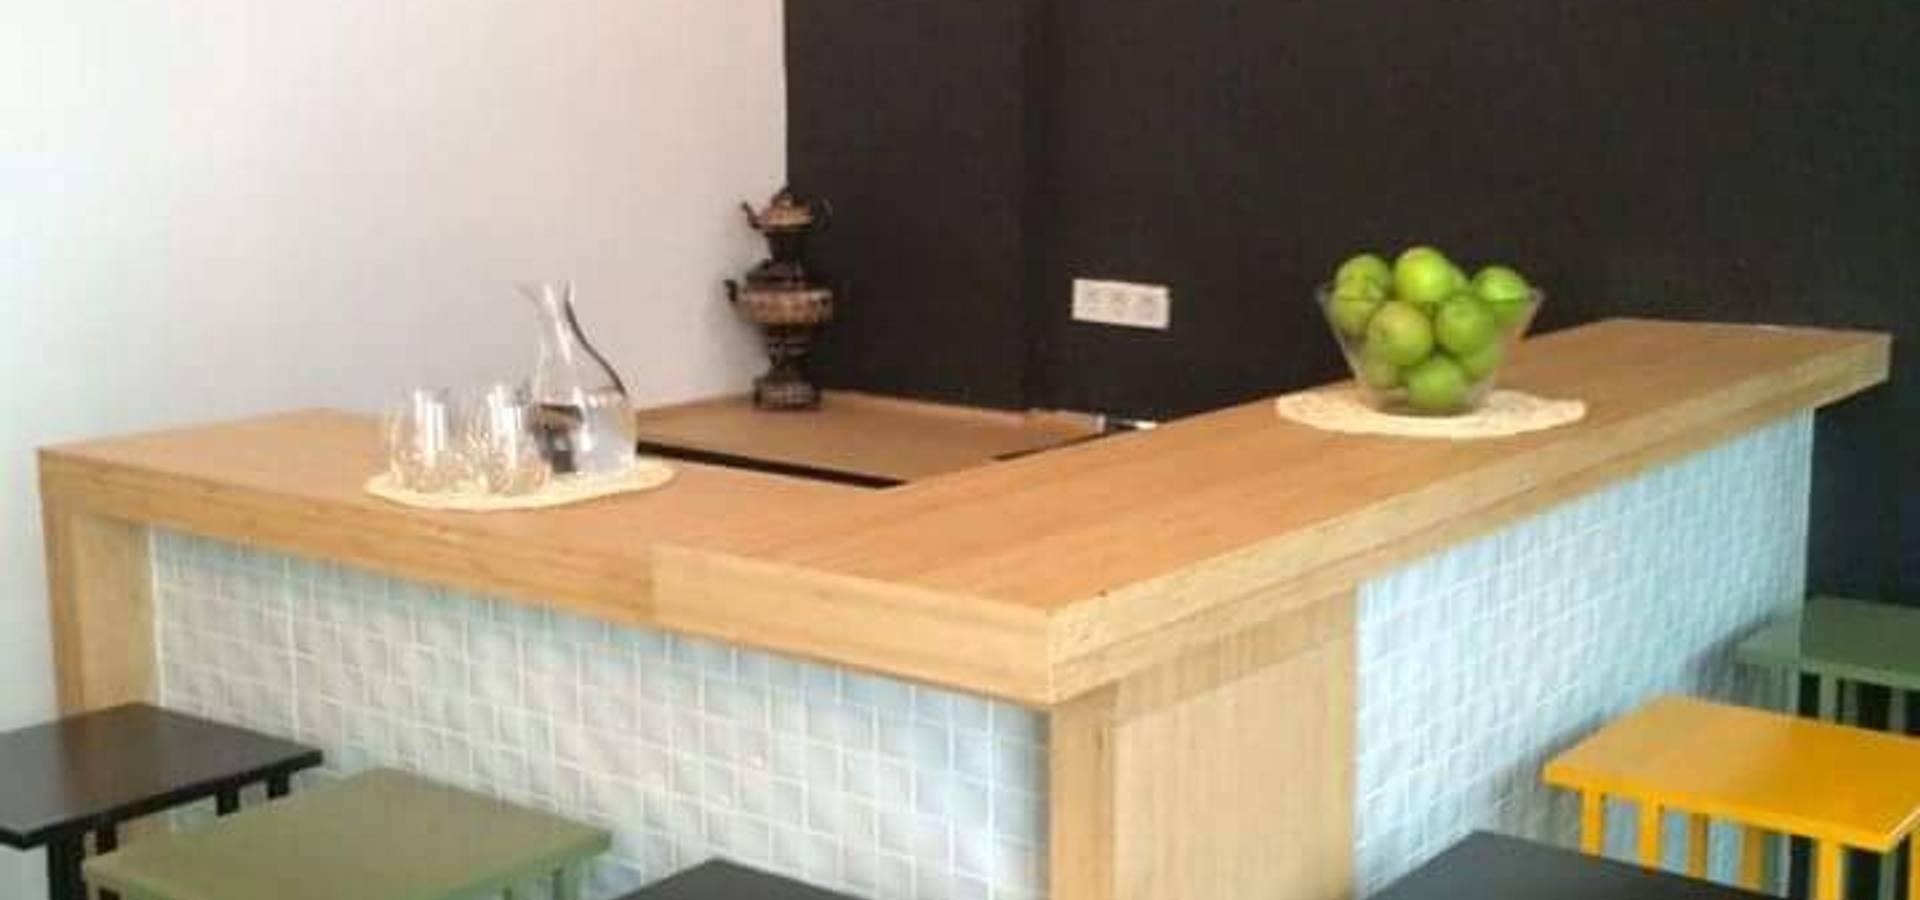 Cemre mobilya imalat ve dekorasyon